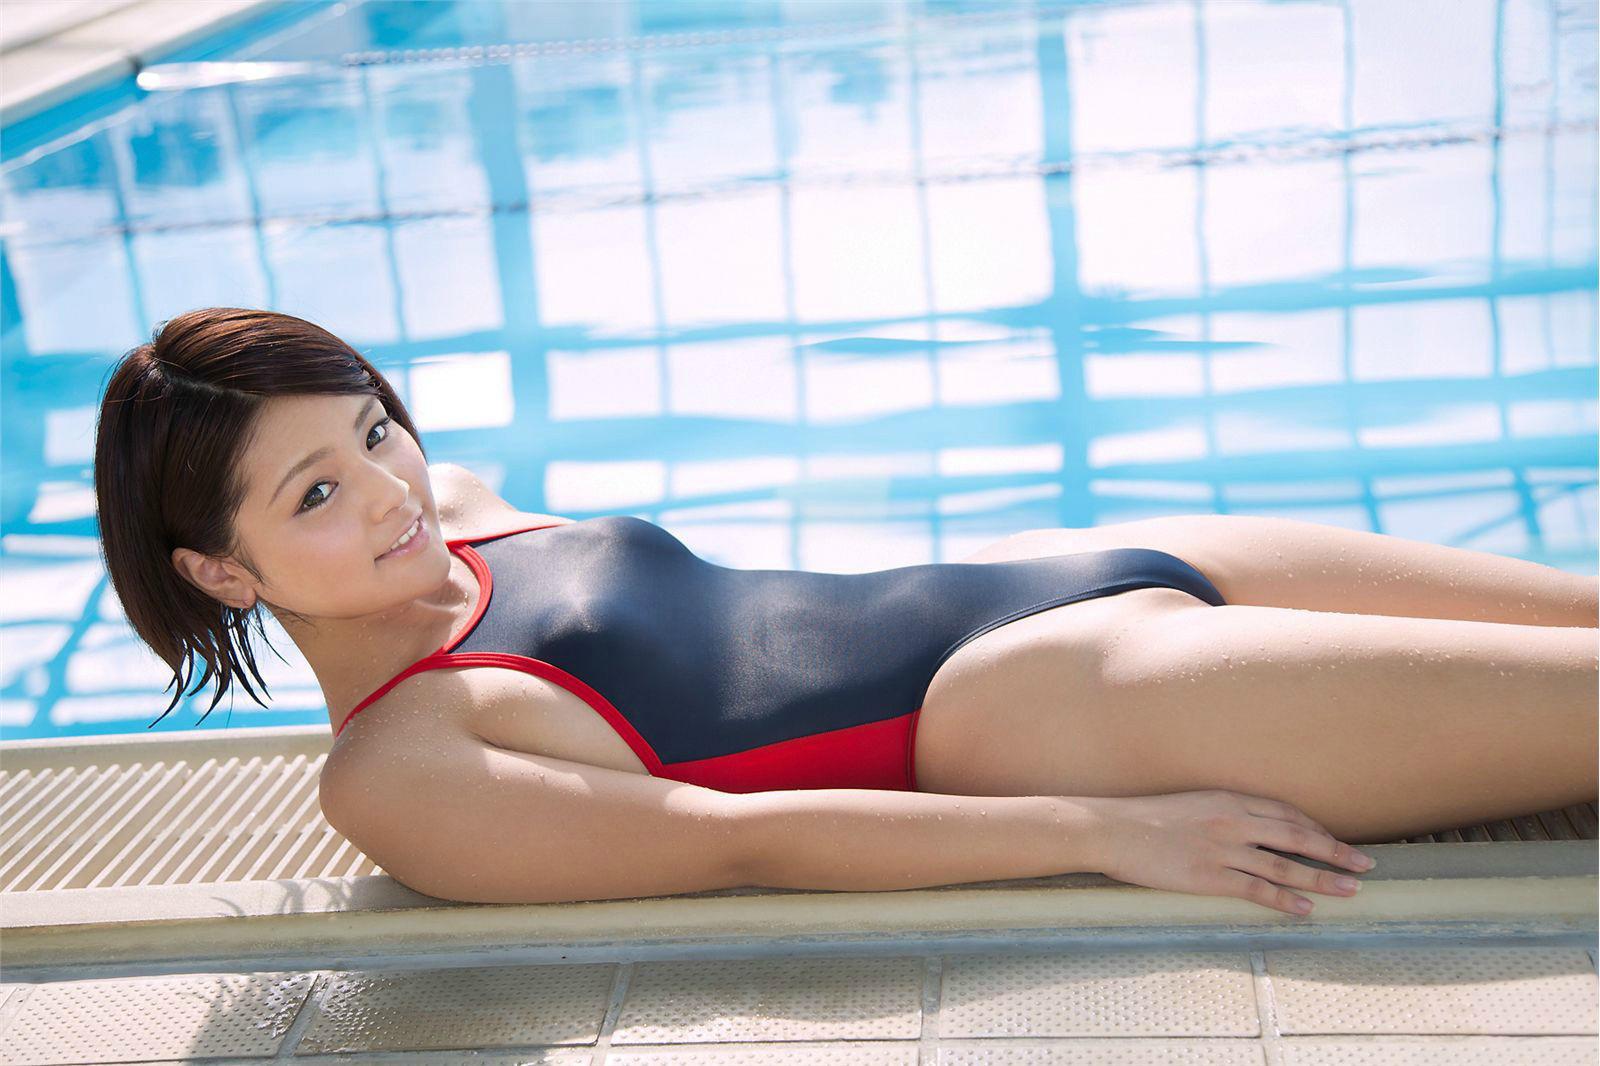 競泳ミズ着にムリヤリ押し込まれて窮屈そうな美巨乳お乳☆ #えろ写真